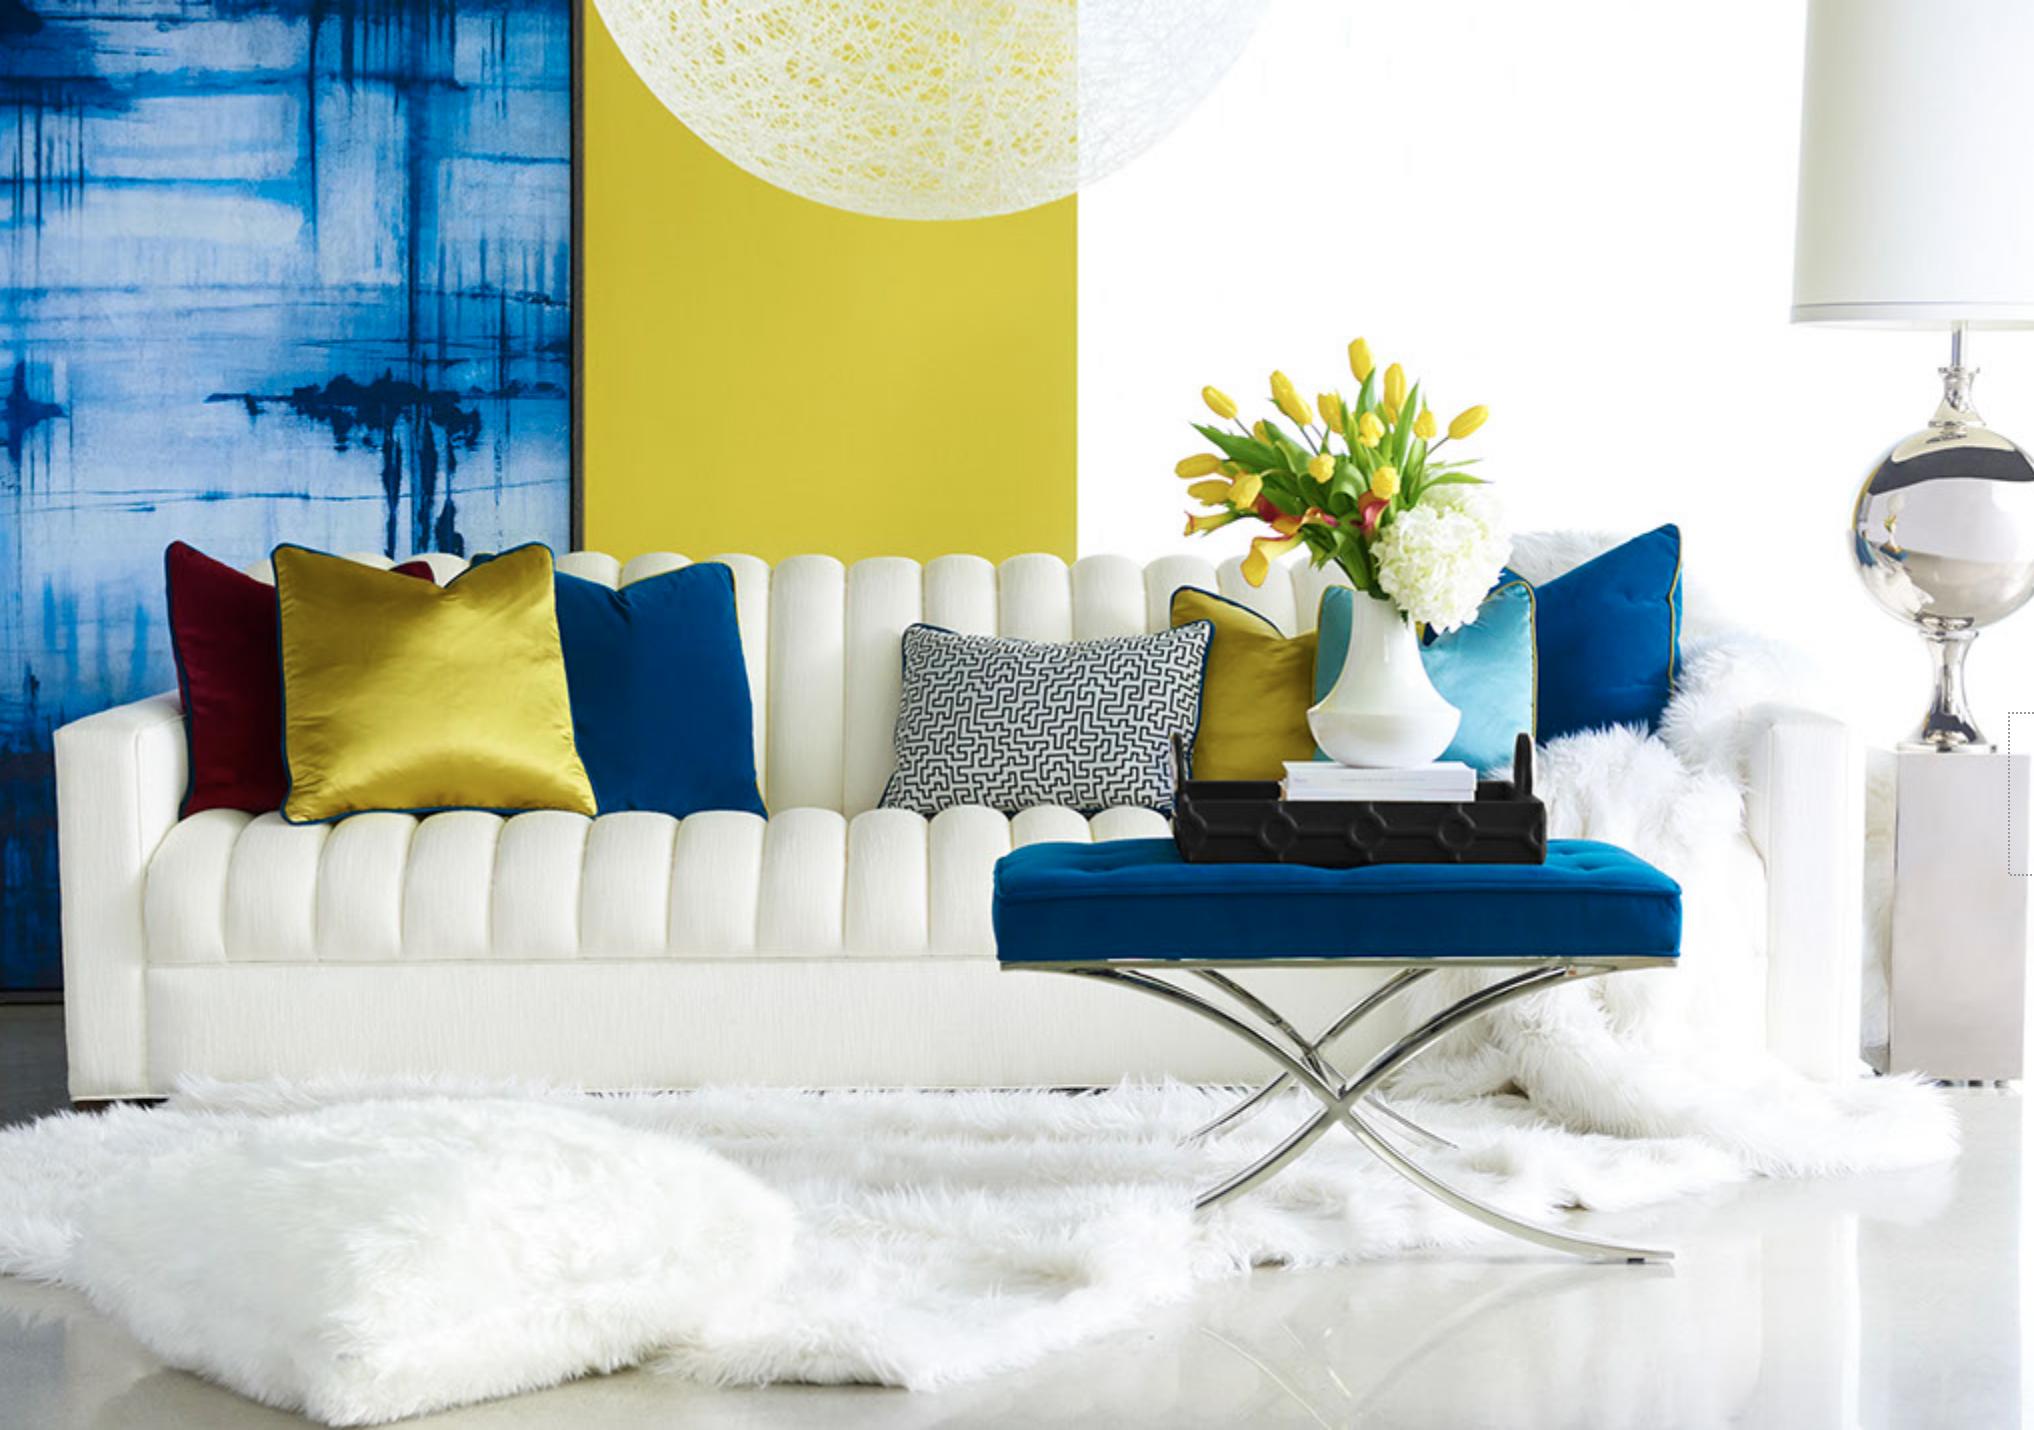 WO_Home Fashion_Furniture5